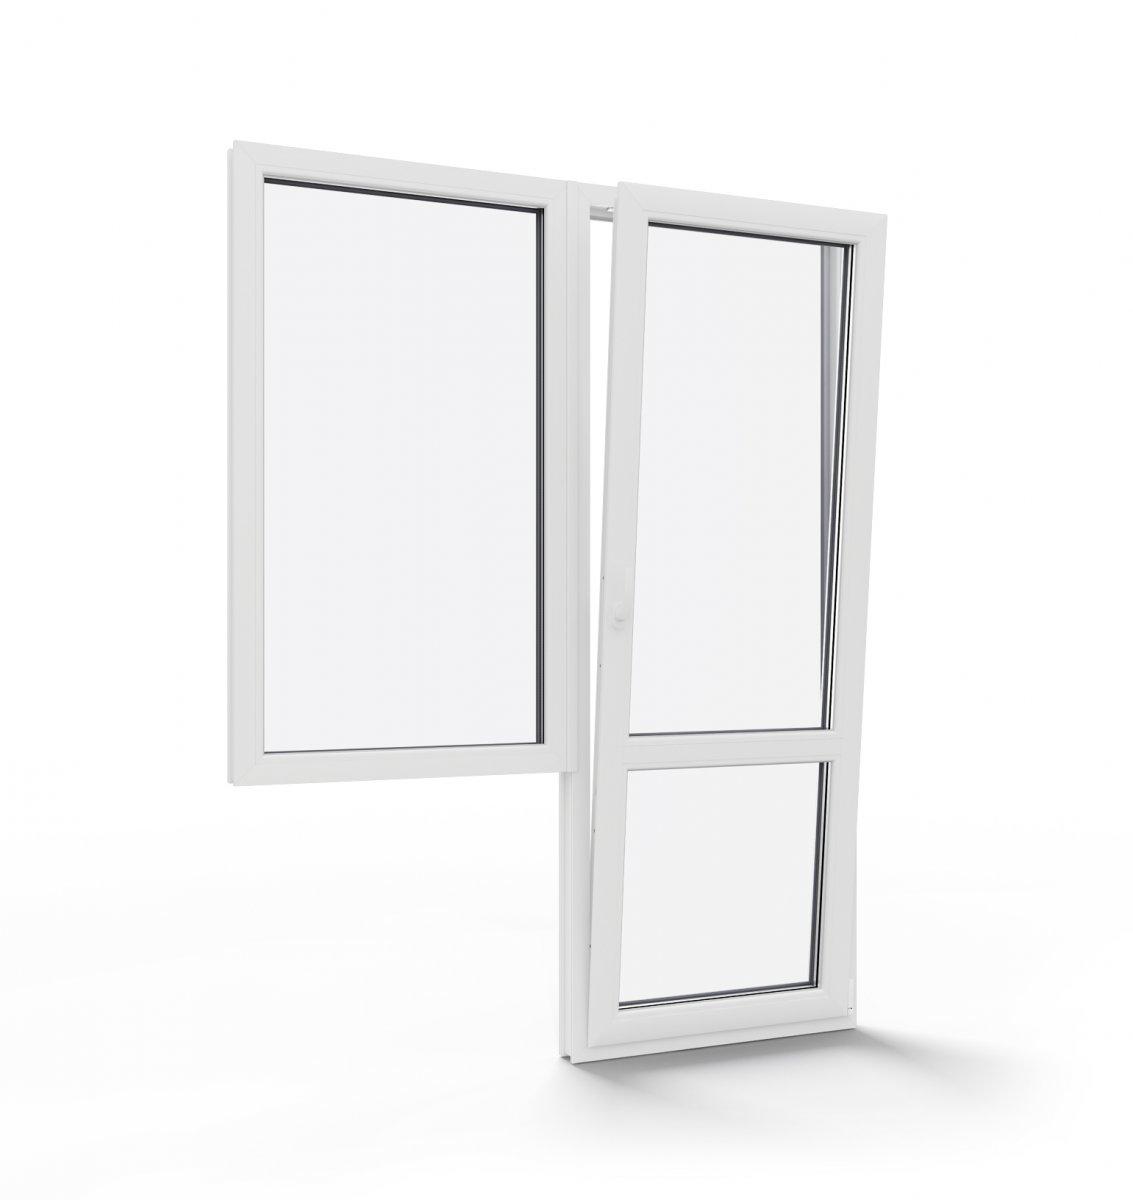 Вікна для спальні - Фото 2